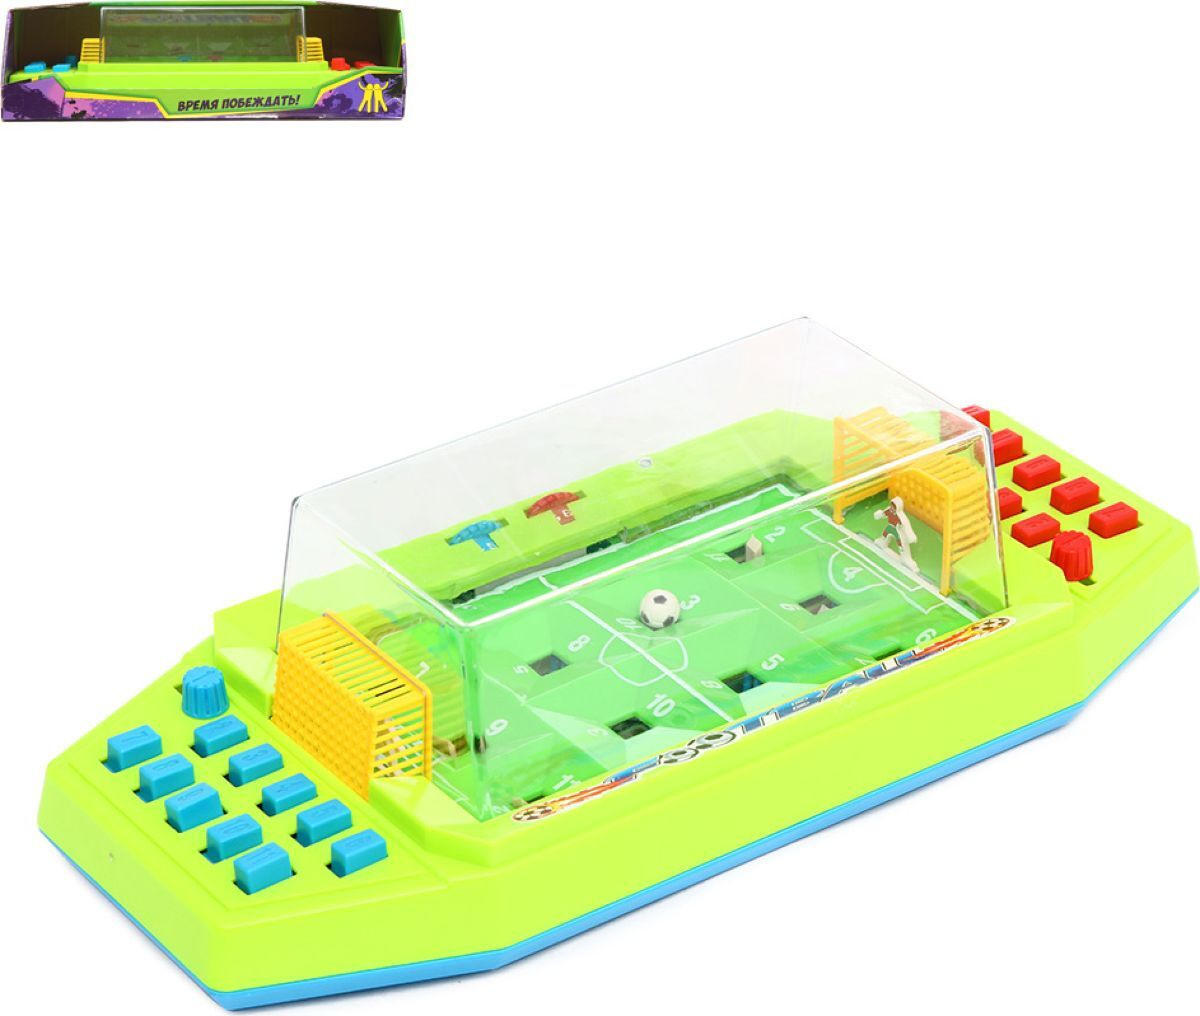 Игра настольная S+S Toys Футбол, SR0813 настольная игра s s toys сумашедшее ведро 200153749 1124626